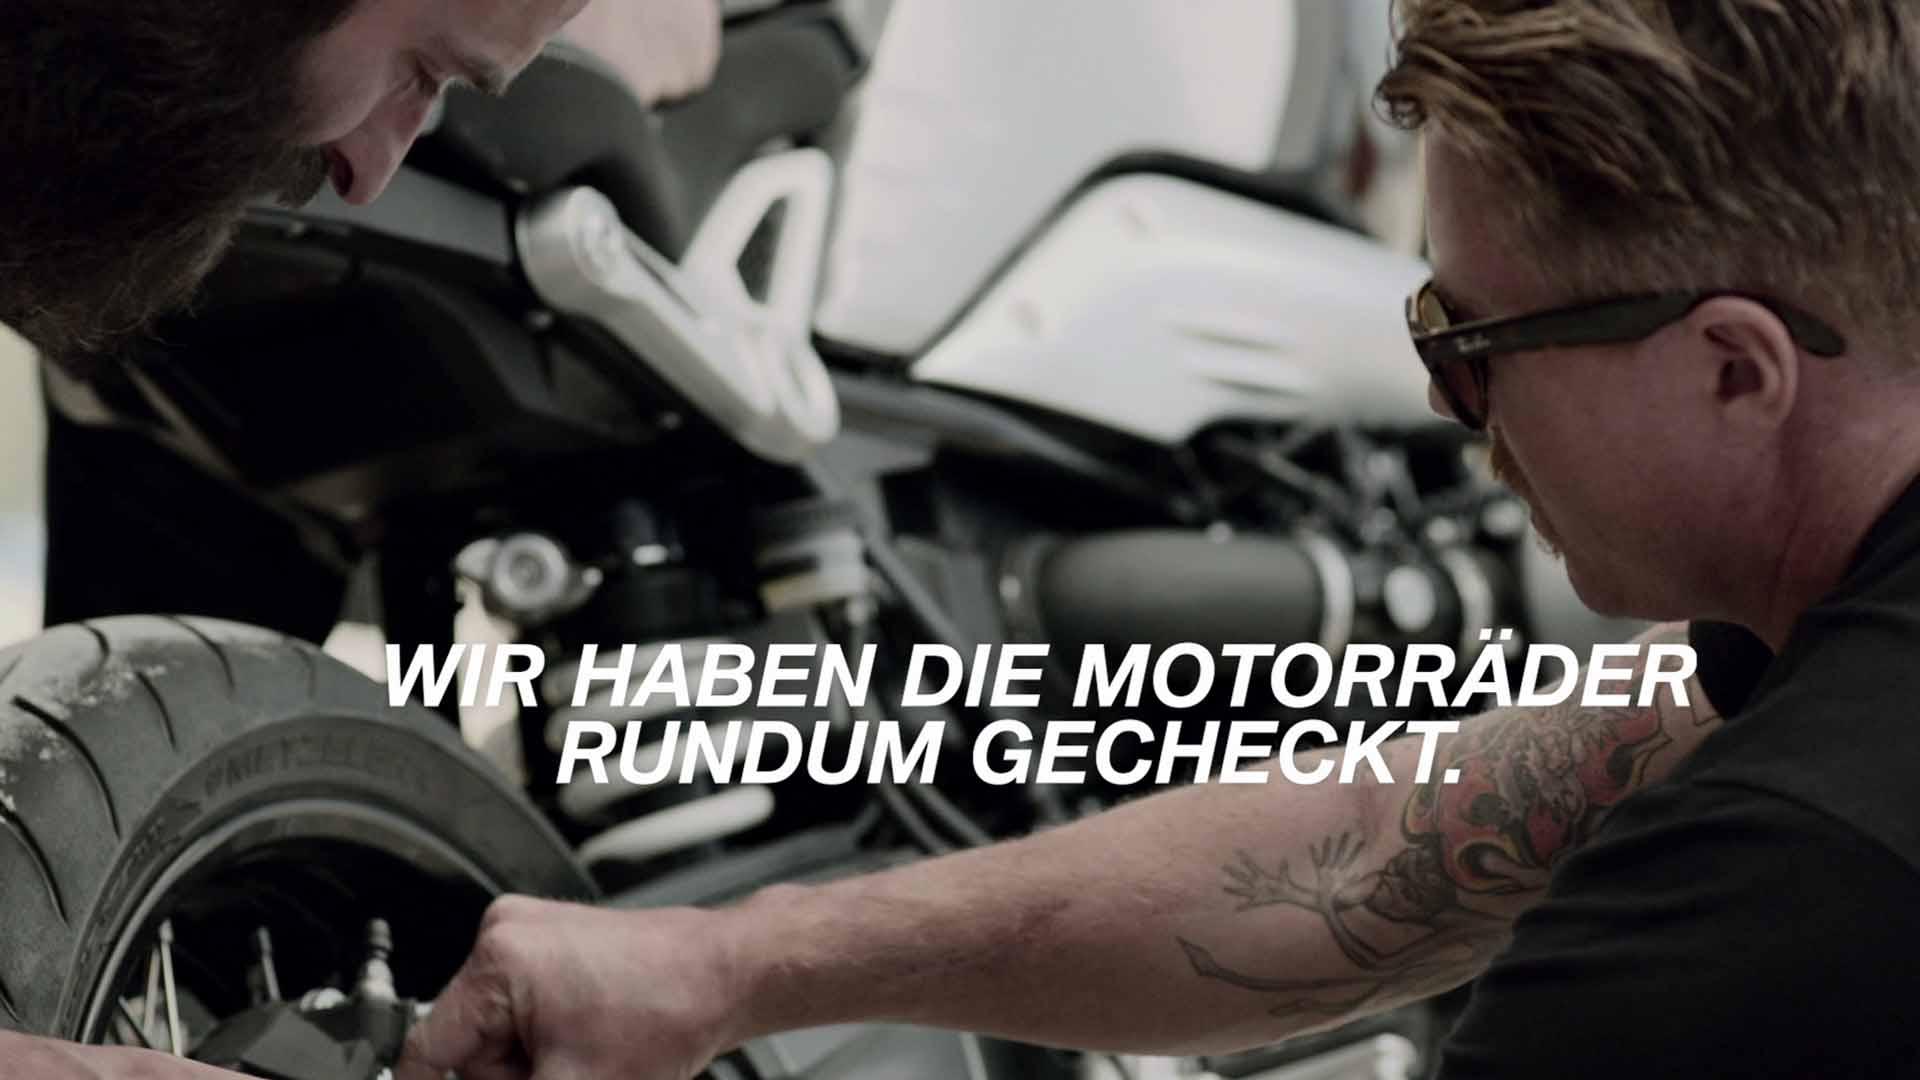 Das Bild zeigt zwei Männer, die dabei sind ein Motorrad auf seine Qualität zu überprüfen. Der Vordergrund weist eine Textanimation auf. Das Bild dient als Slider Bild wurde für den Portfolioeintrag BMW - Checked to enjoy von Panda Pictures.